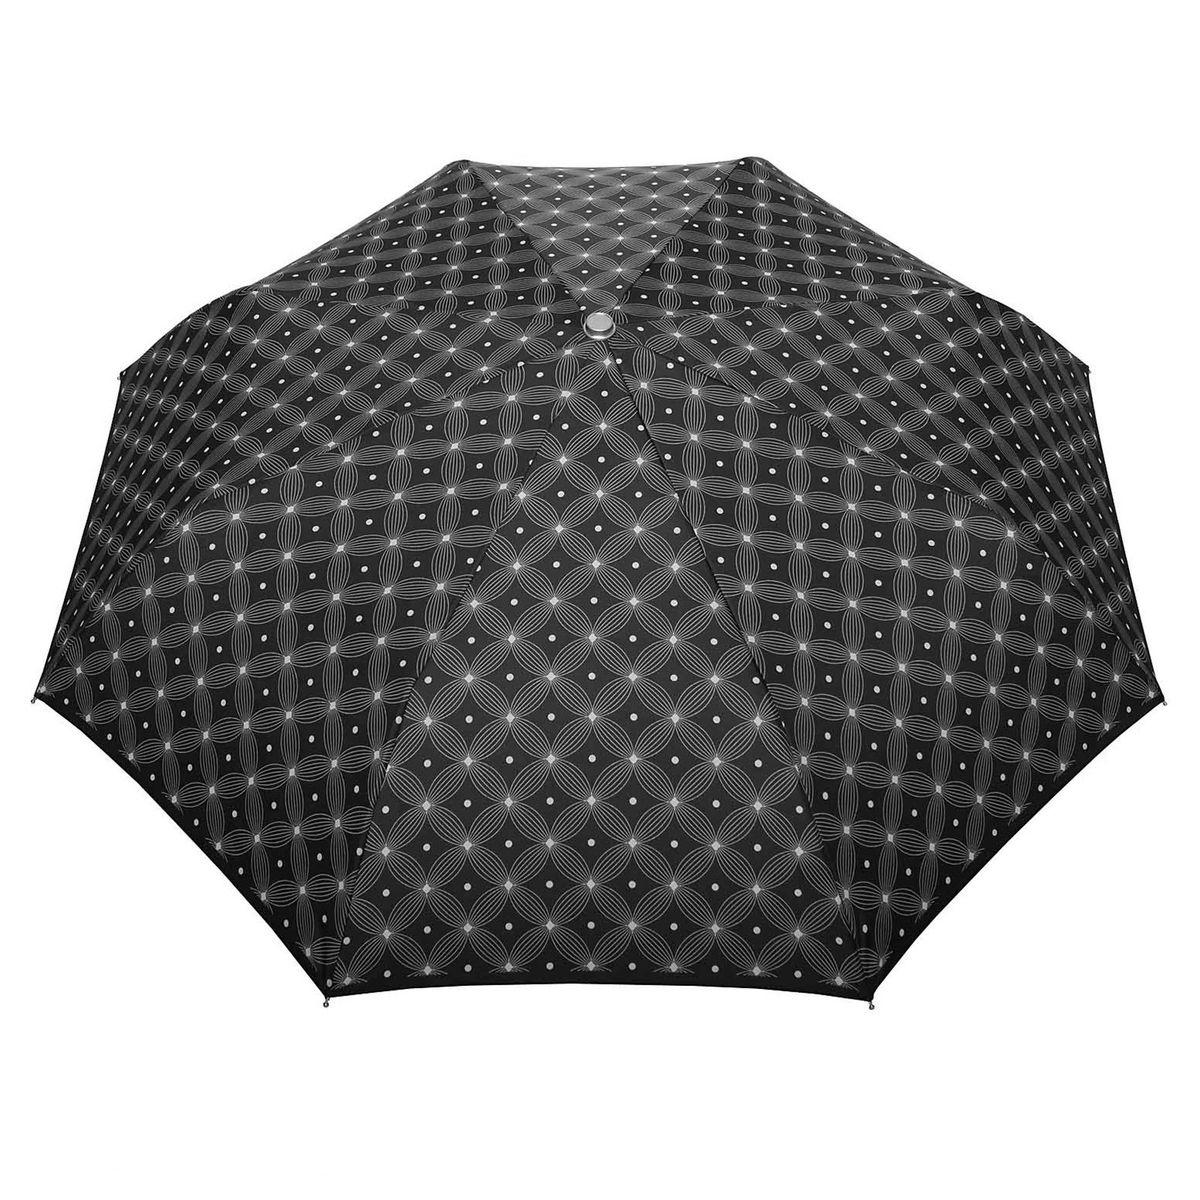 Mini parapluie Automatique Macchiato Noir - Fabriqué en europe